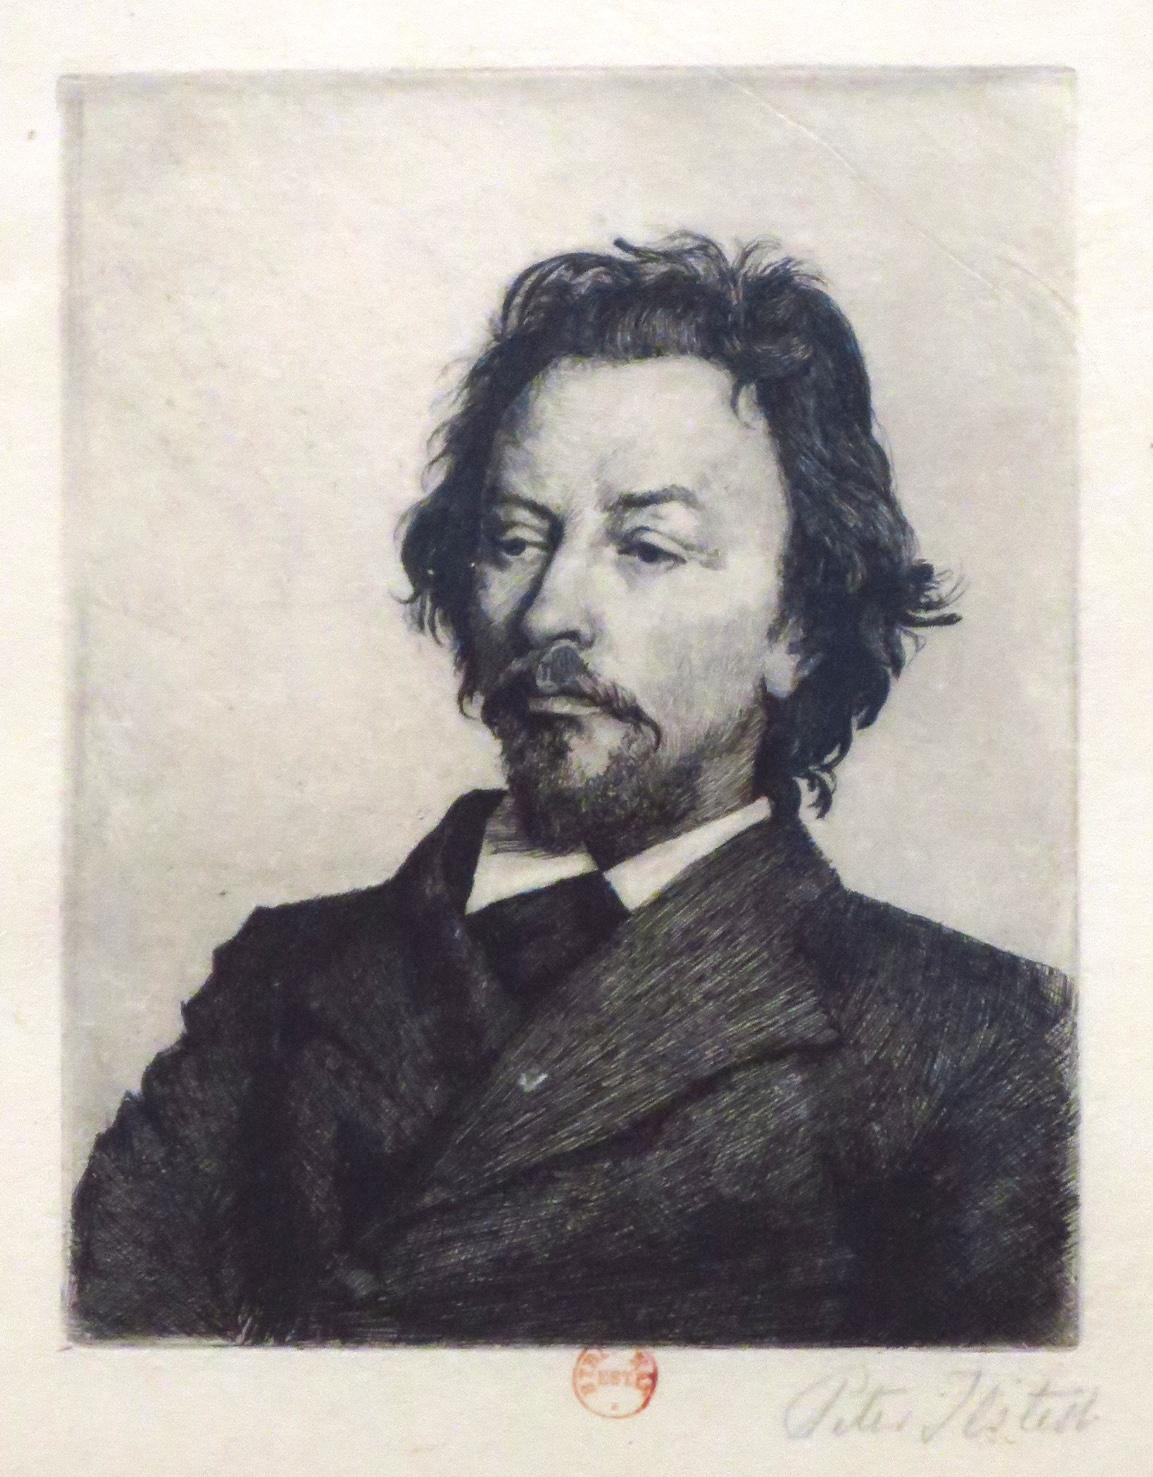 Eau forte de Peter Ilsted- Portrait de Vilhelm Hammershoi 1899 BNF